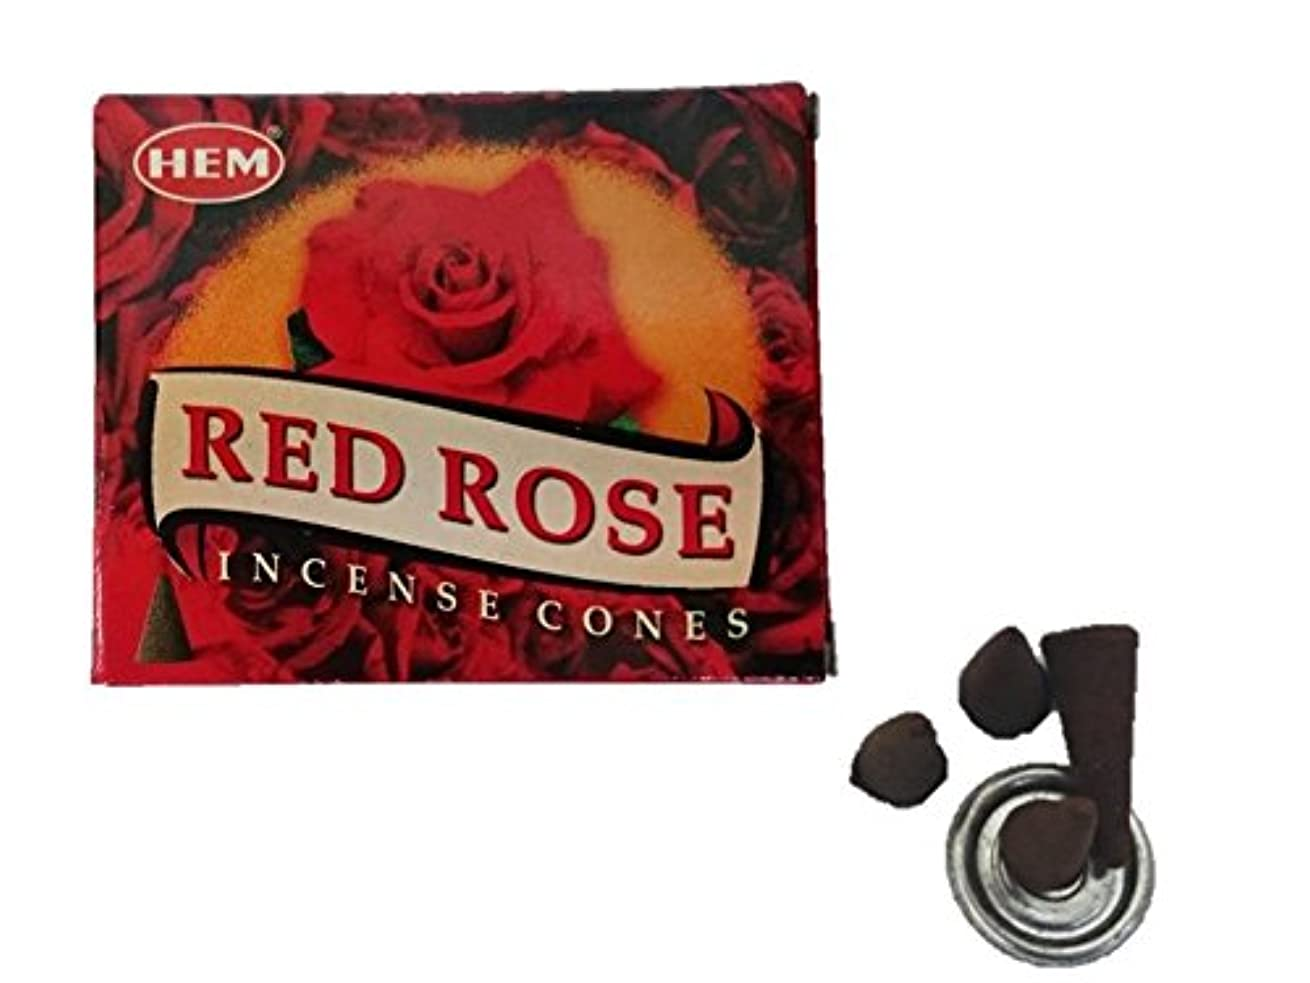 ルーフ検出膨張するHEM(ヘム)お香 レッドローズ コーン 1箱